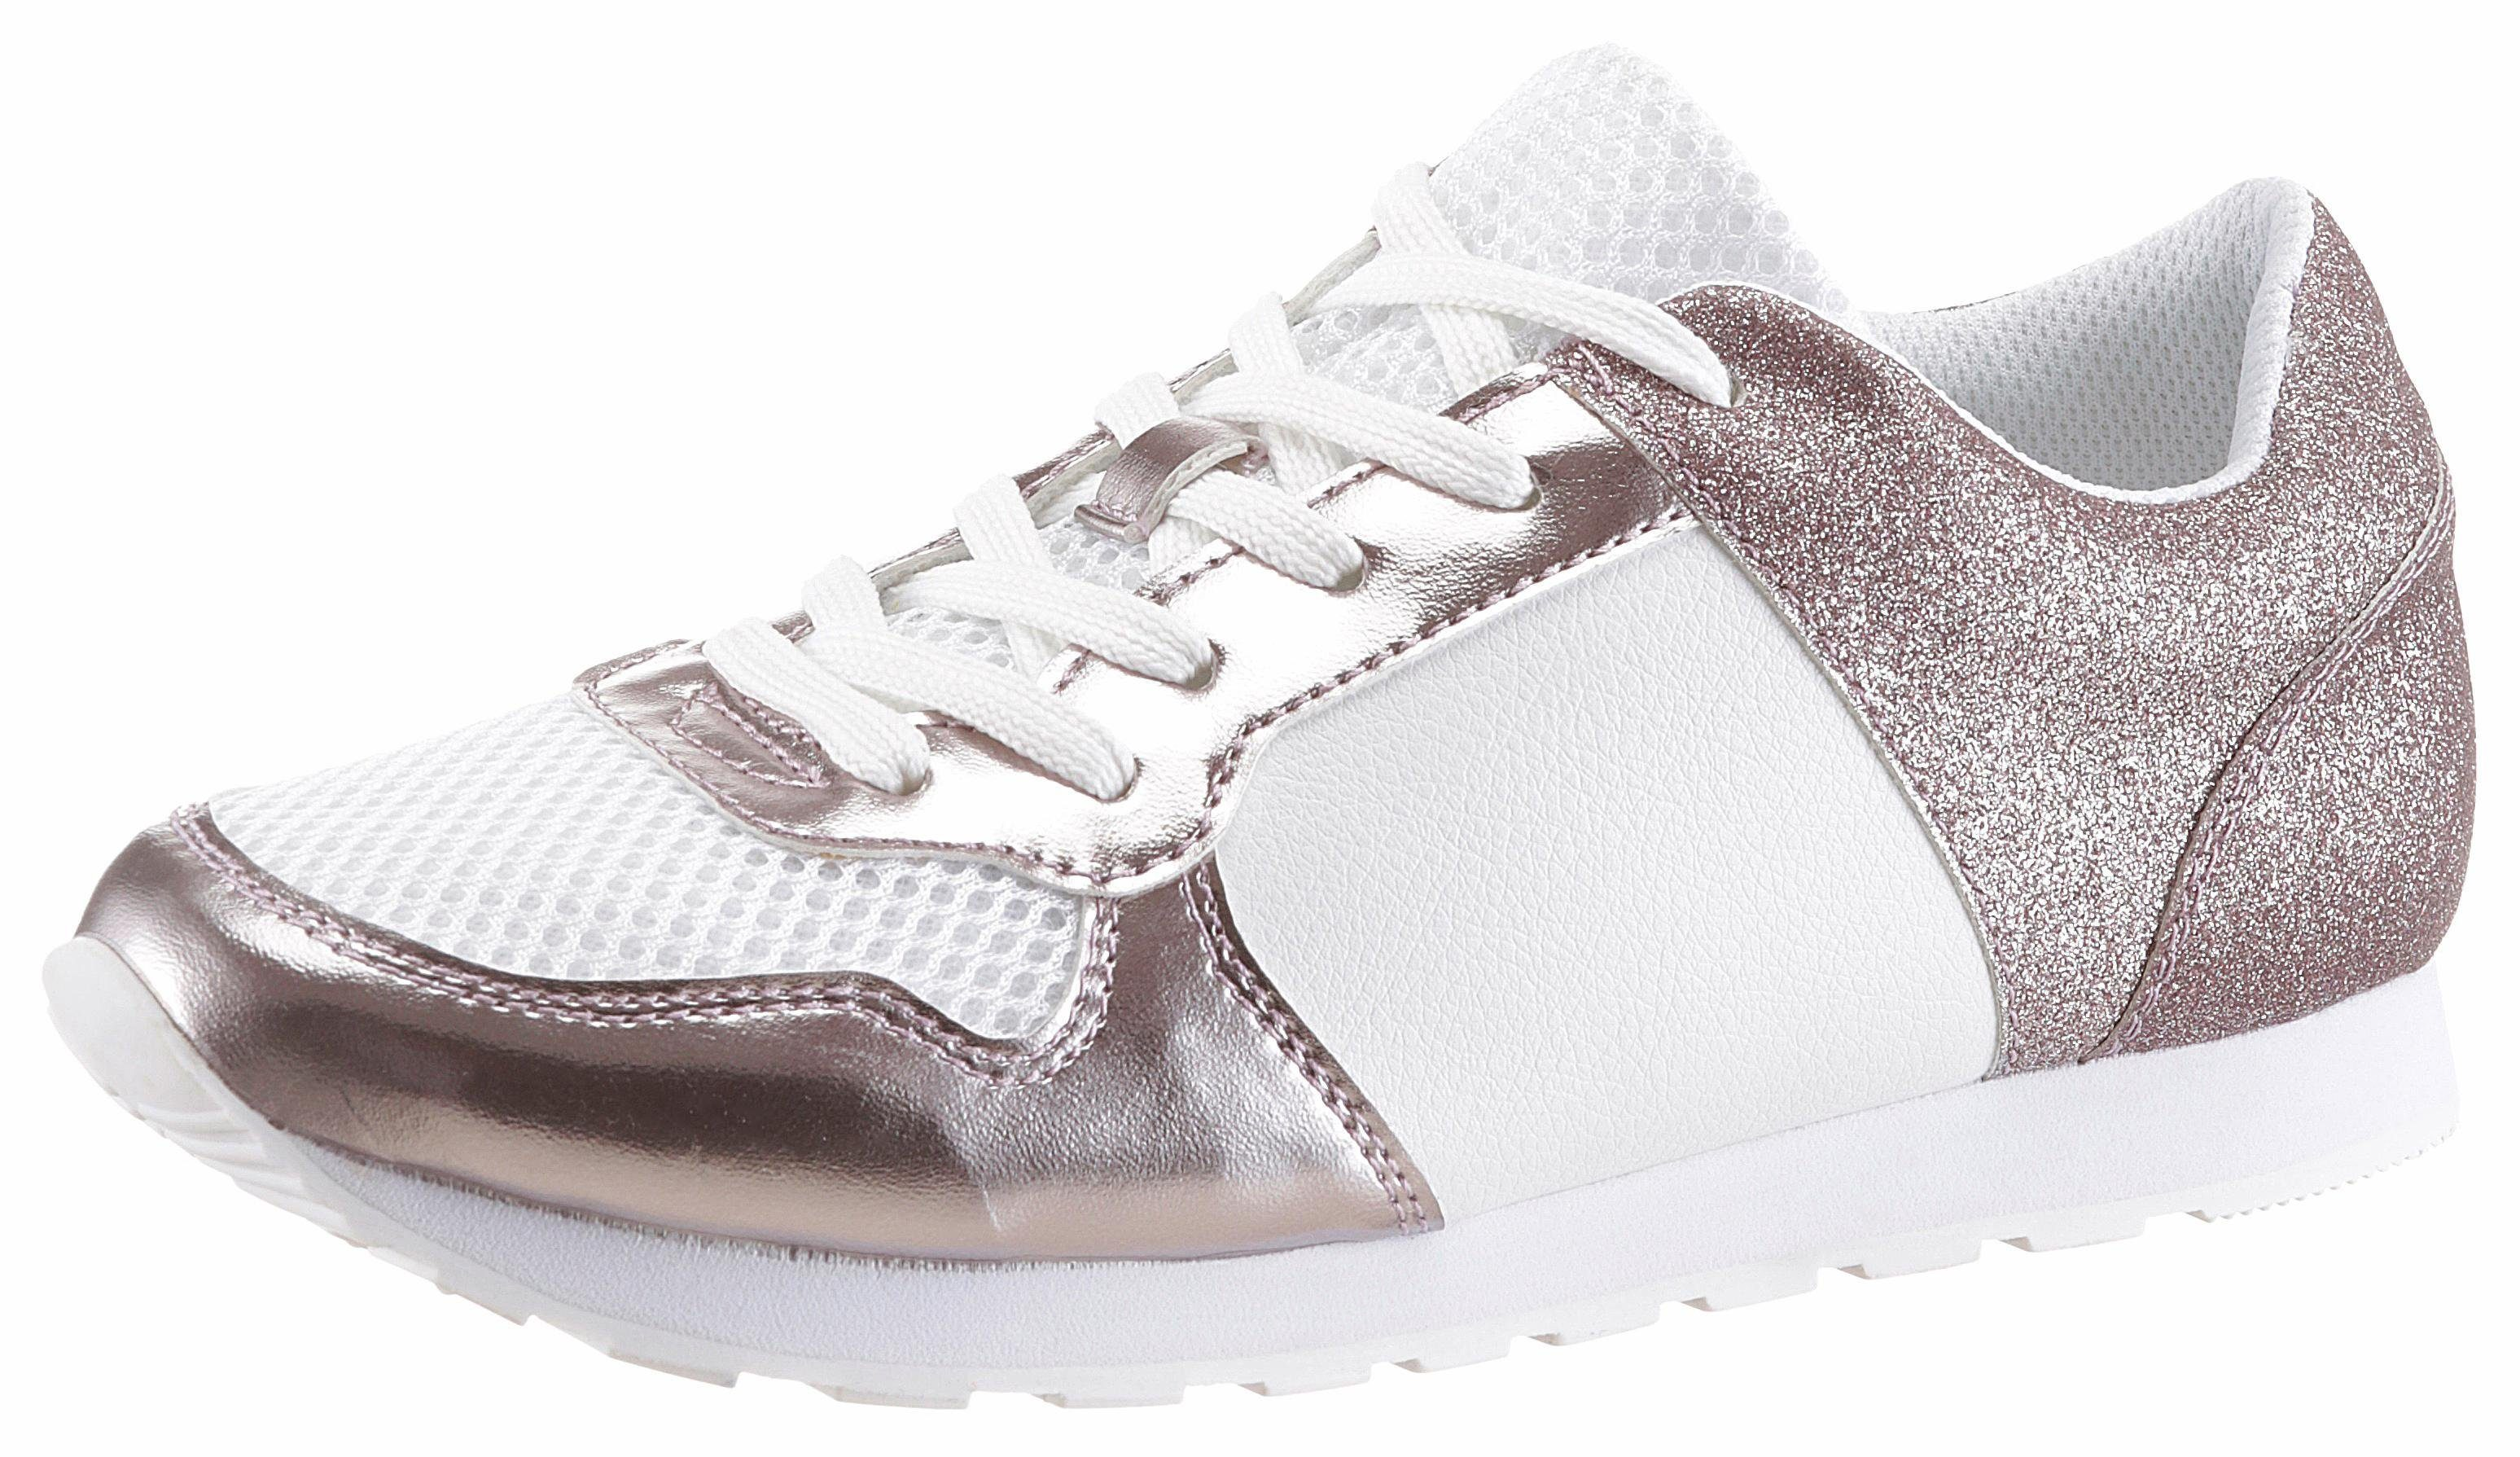 CITY WALK Sneaker, mit Metallic-Einsatz und Glitter-Details, silber, 41 41